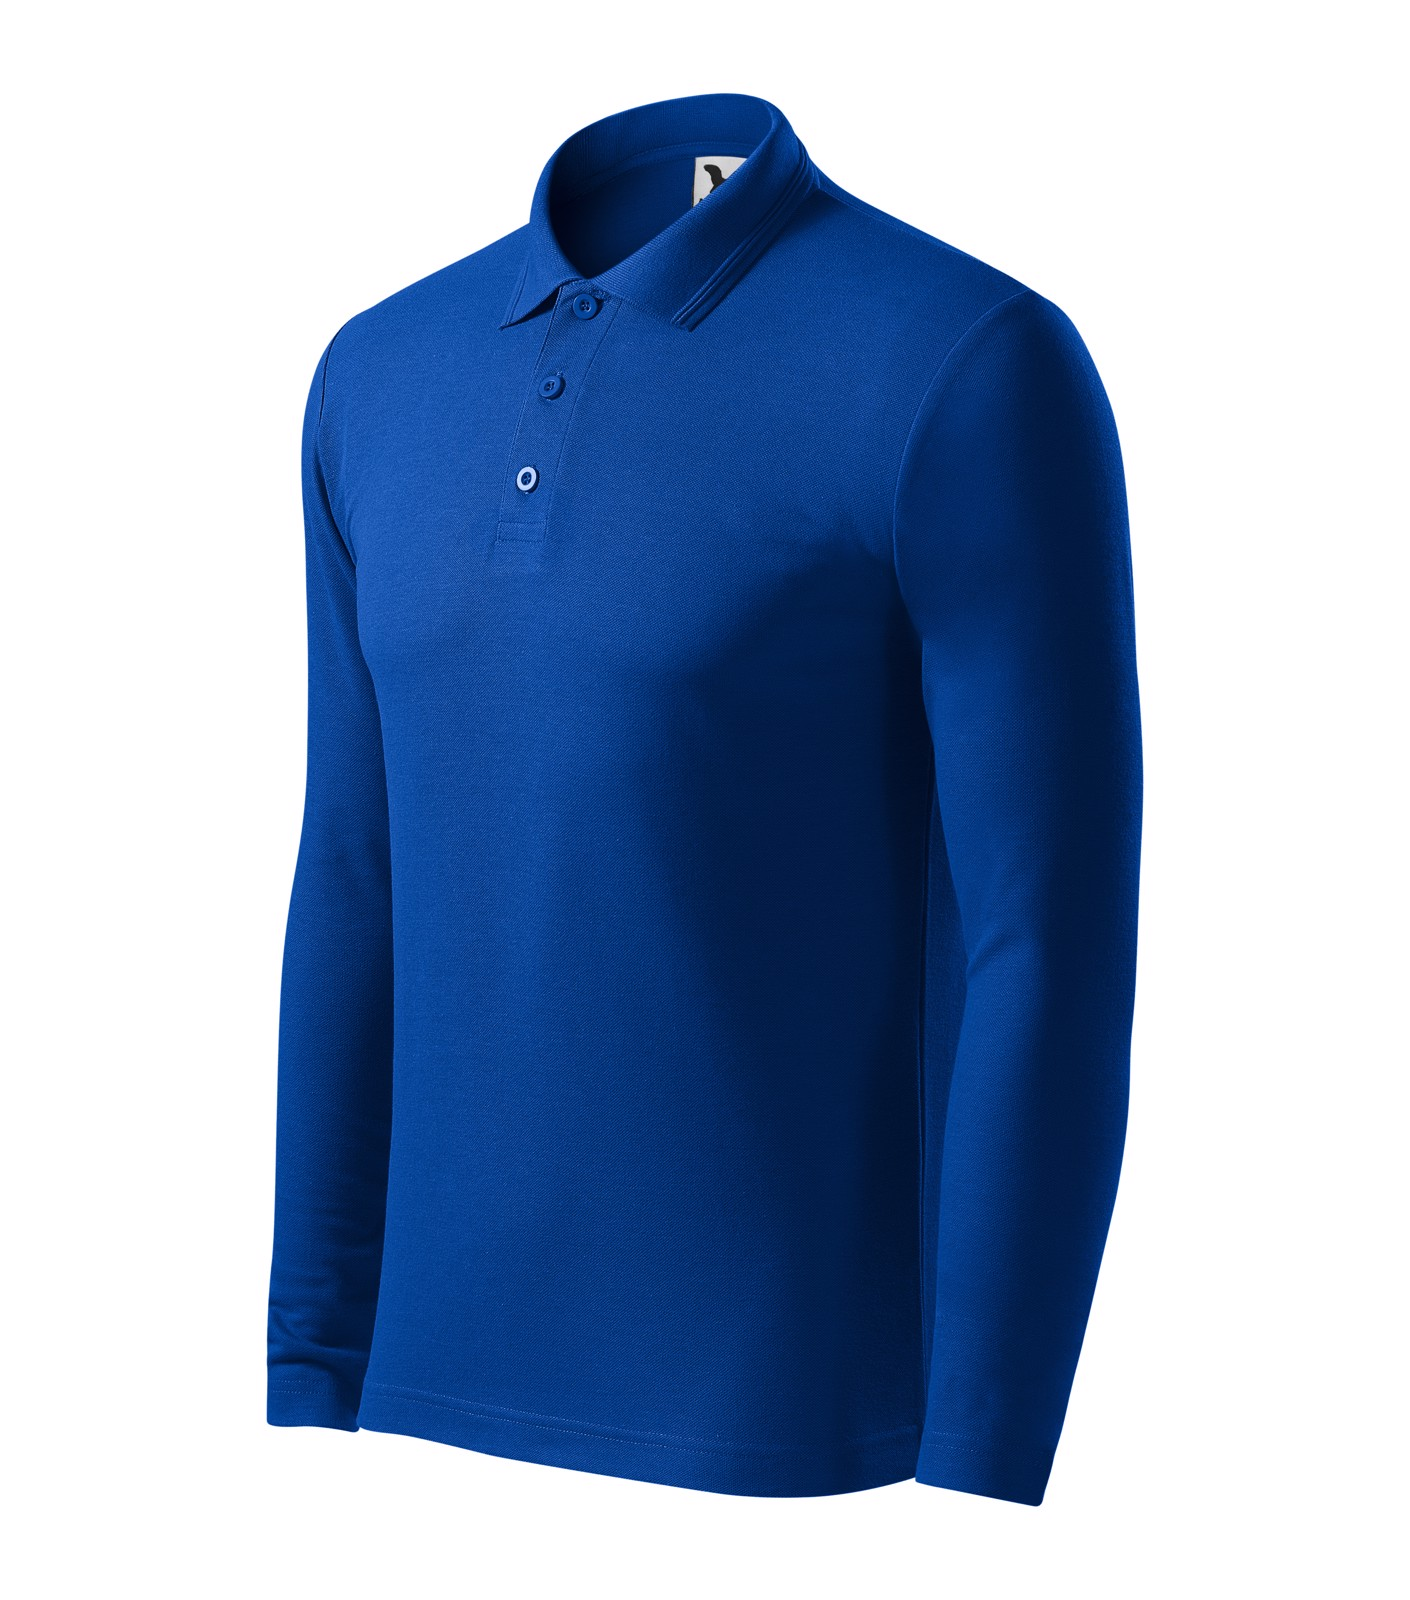 Polokošile pánská Malfini Pique Polo LS - Královská Modrá / S